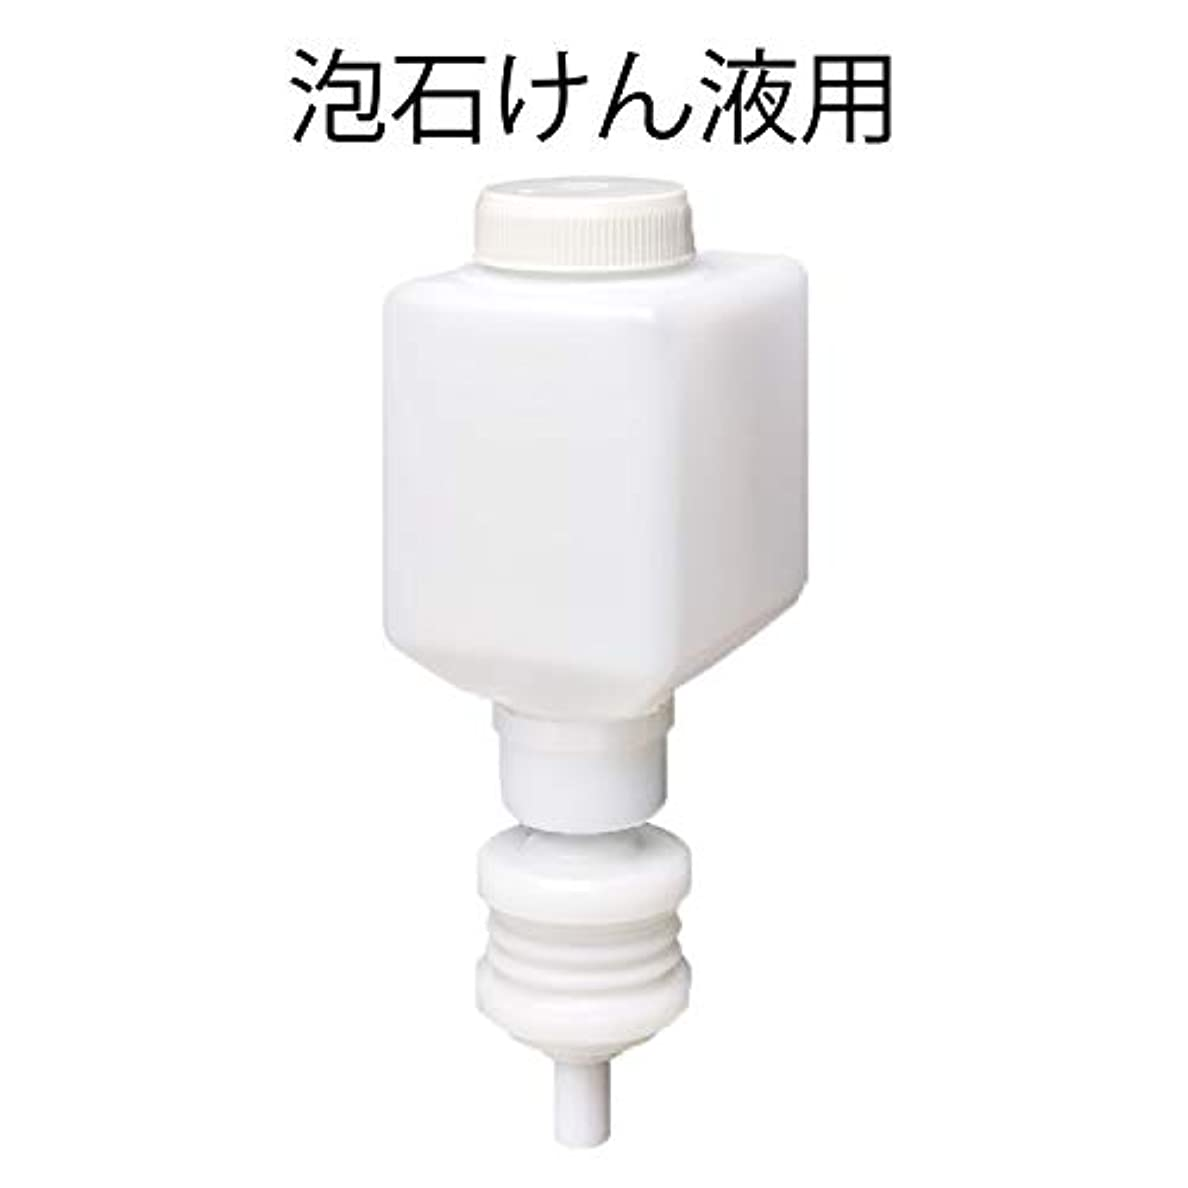 フォーカスシルク感染するサラヤ カートリッジボトル 石けん液泡タイプ用 250ml MD-300